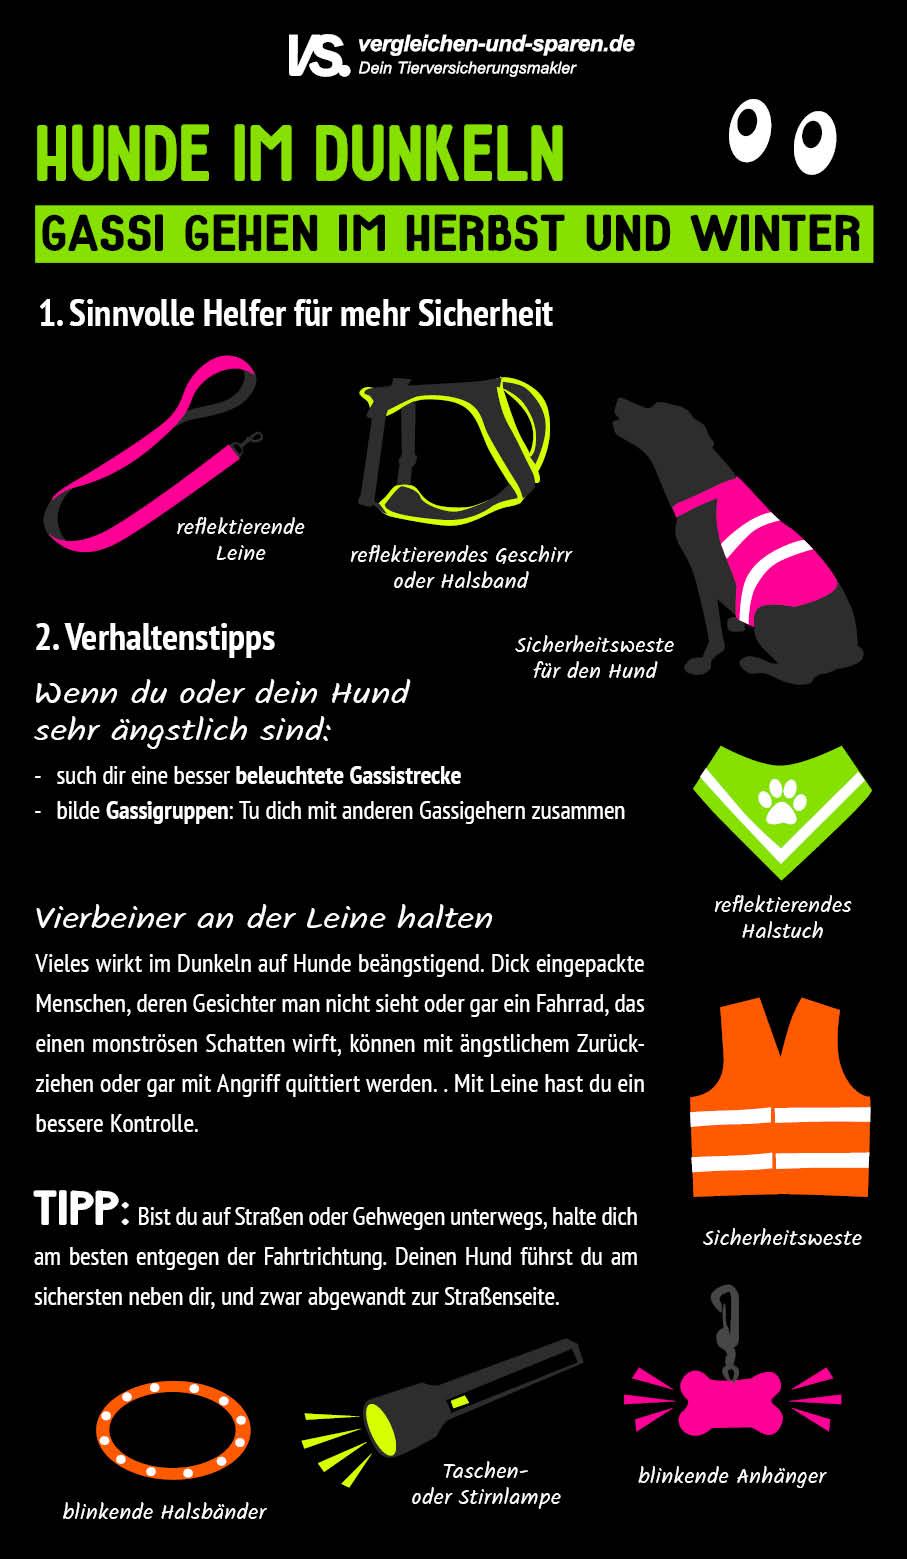 Infografik: Tipps für das Gassi gehen im Dunkeln